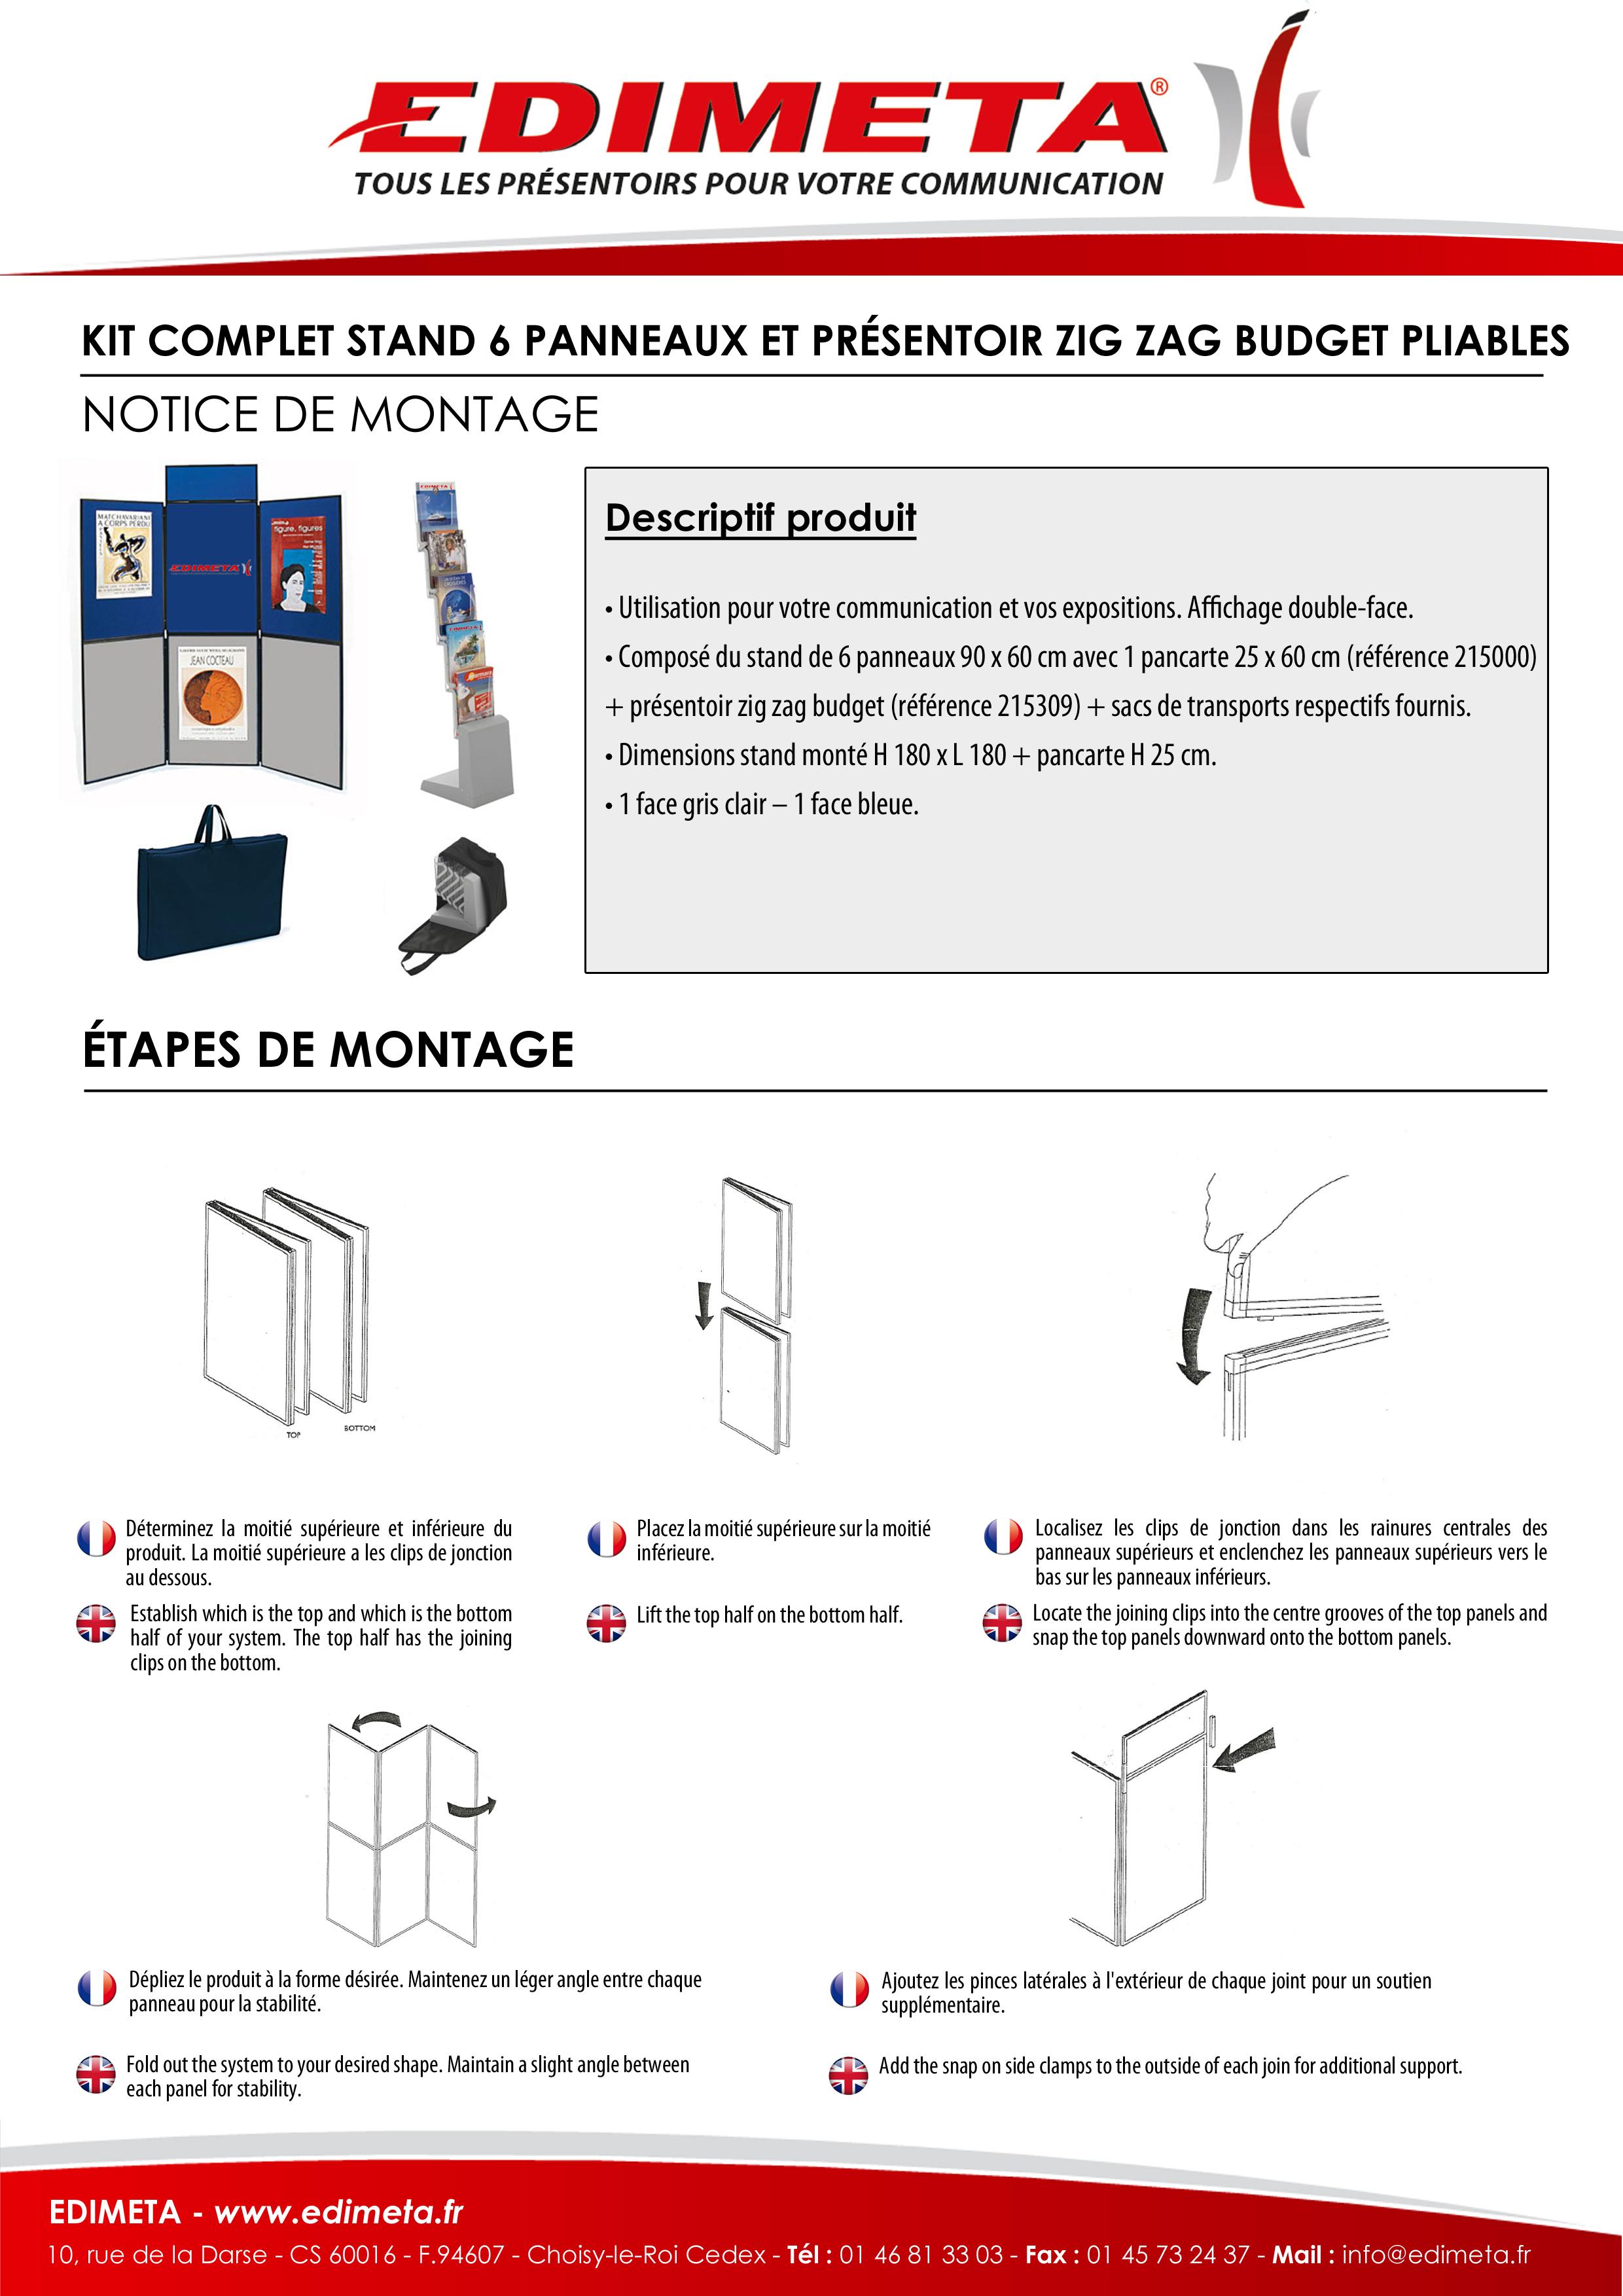 NOTICE DE MONTAGE : KIT COMPLET STAND 6 PANNEAUX ET PRÉSENTOIR ZIG ZAG BUDGET PLIABLES